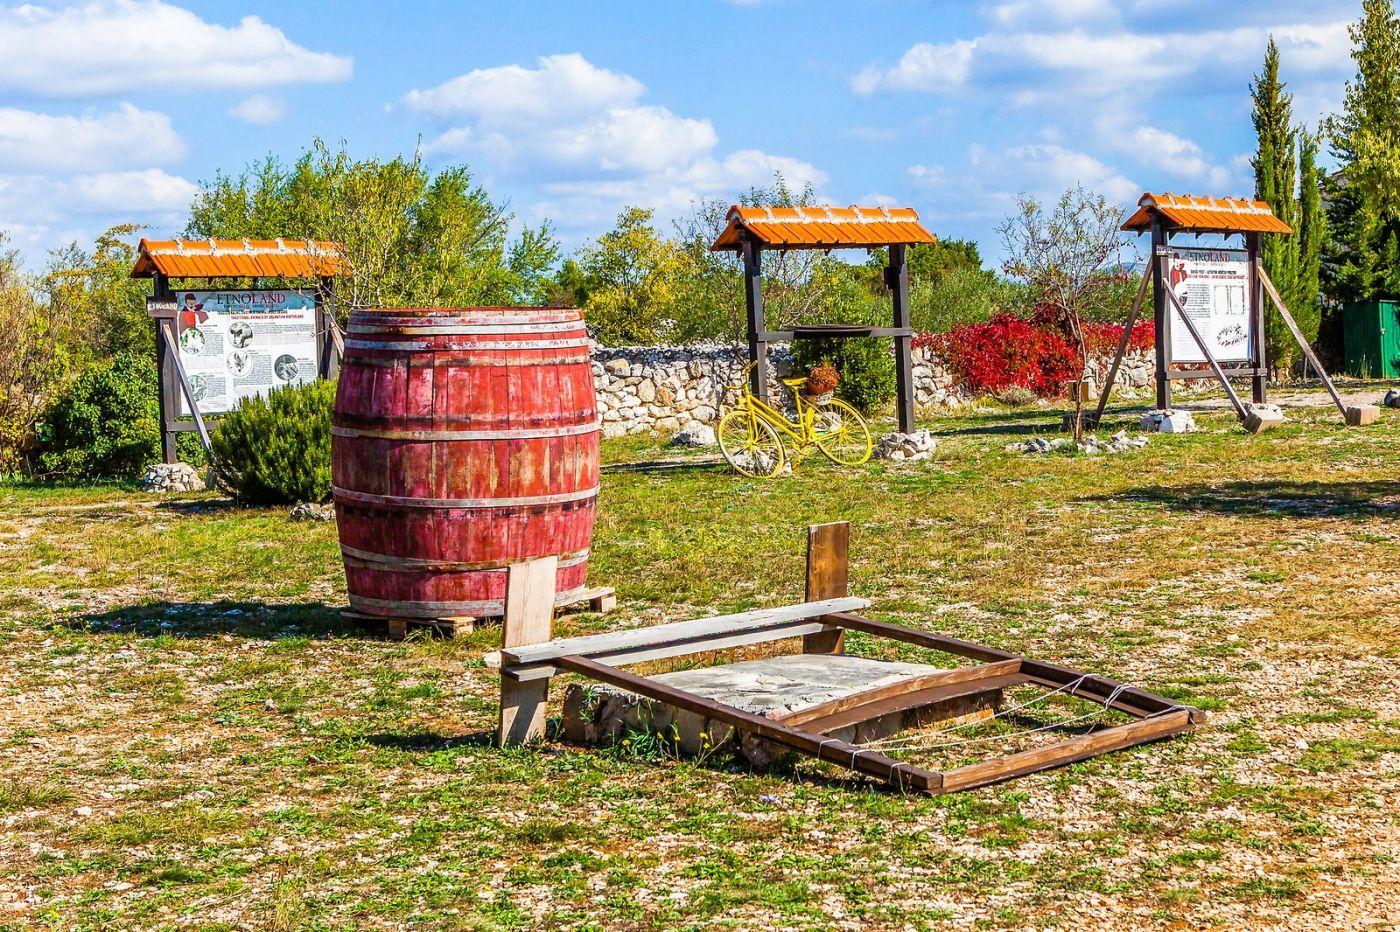 克罗地亚达尔马提亚村,独特的地域风貌_图1-25